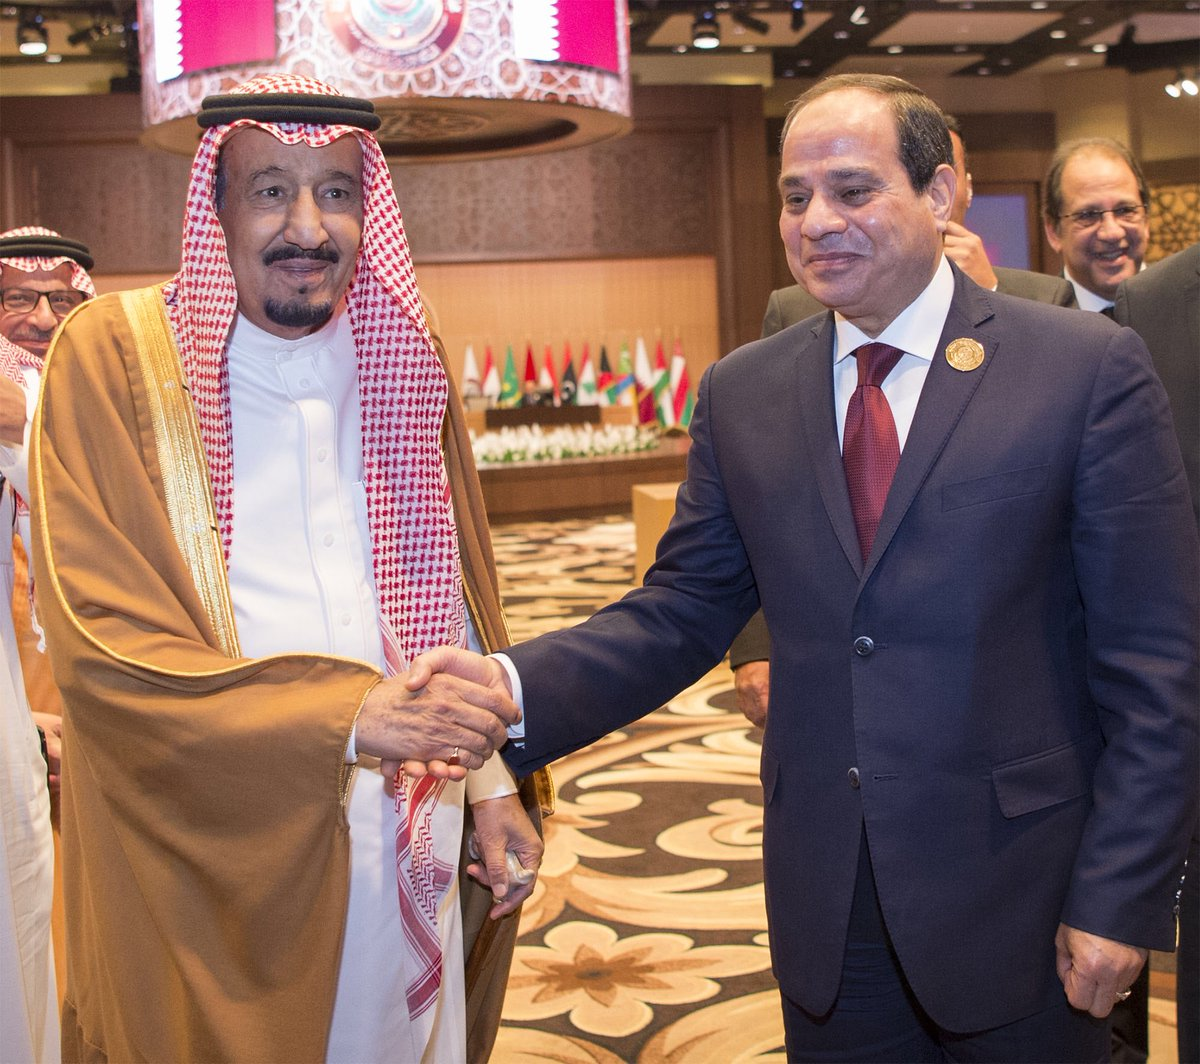 سيدي #خادم_الحرمين_الشريفين يلتقي بالرئيس المصري #السيسي على هامش اجتم...